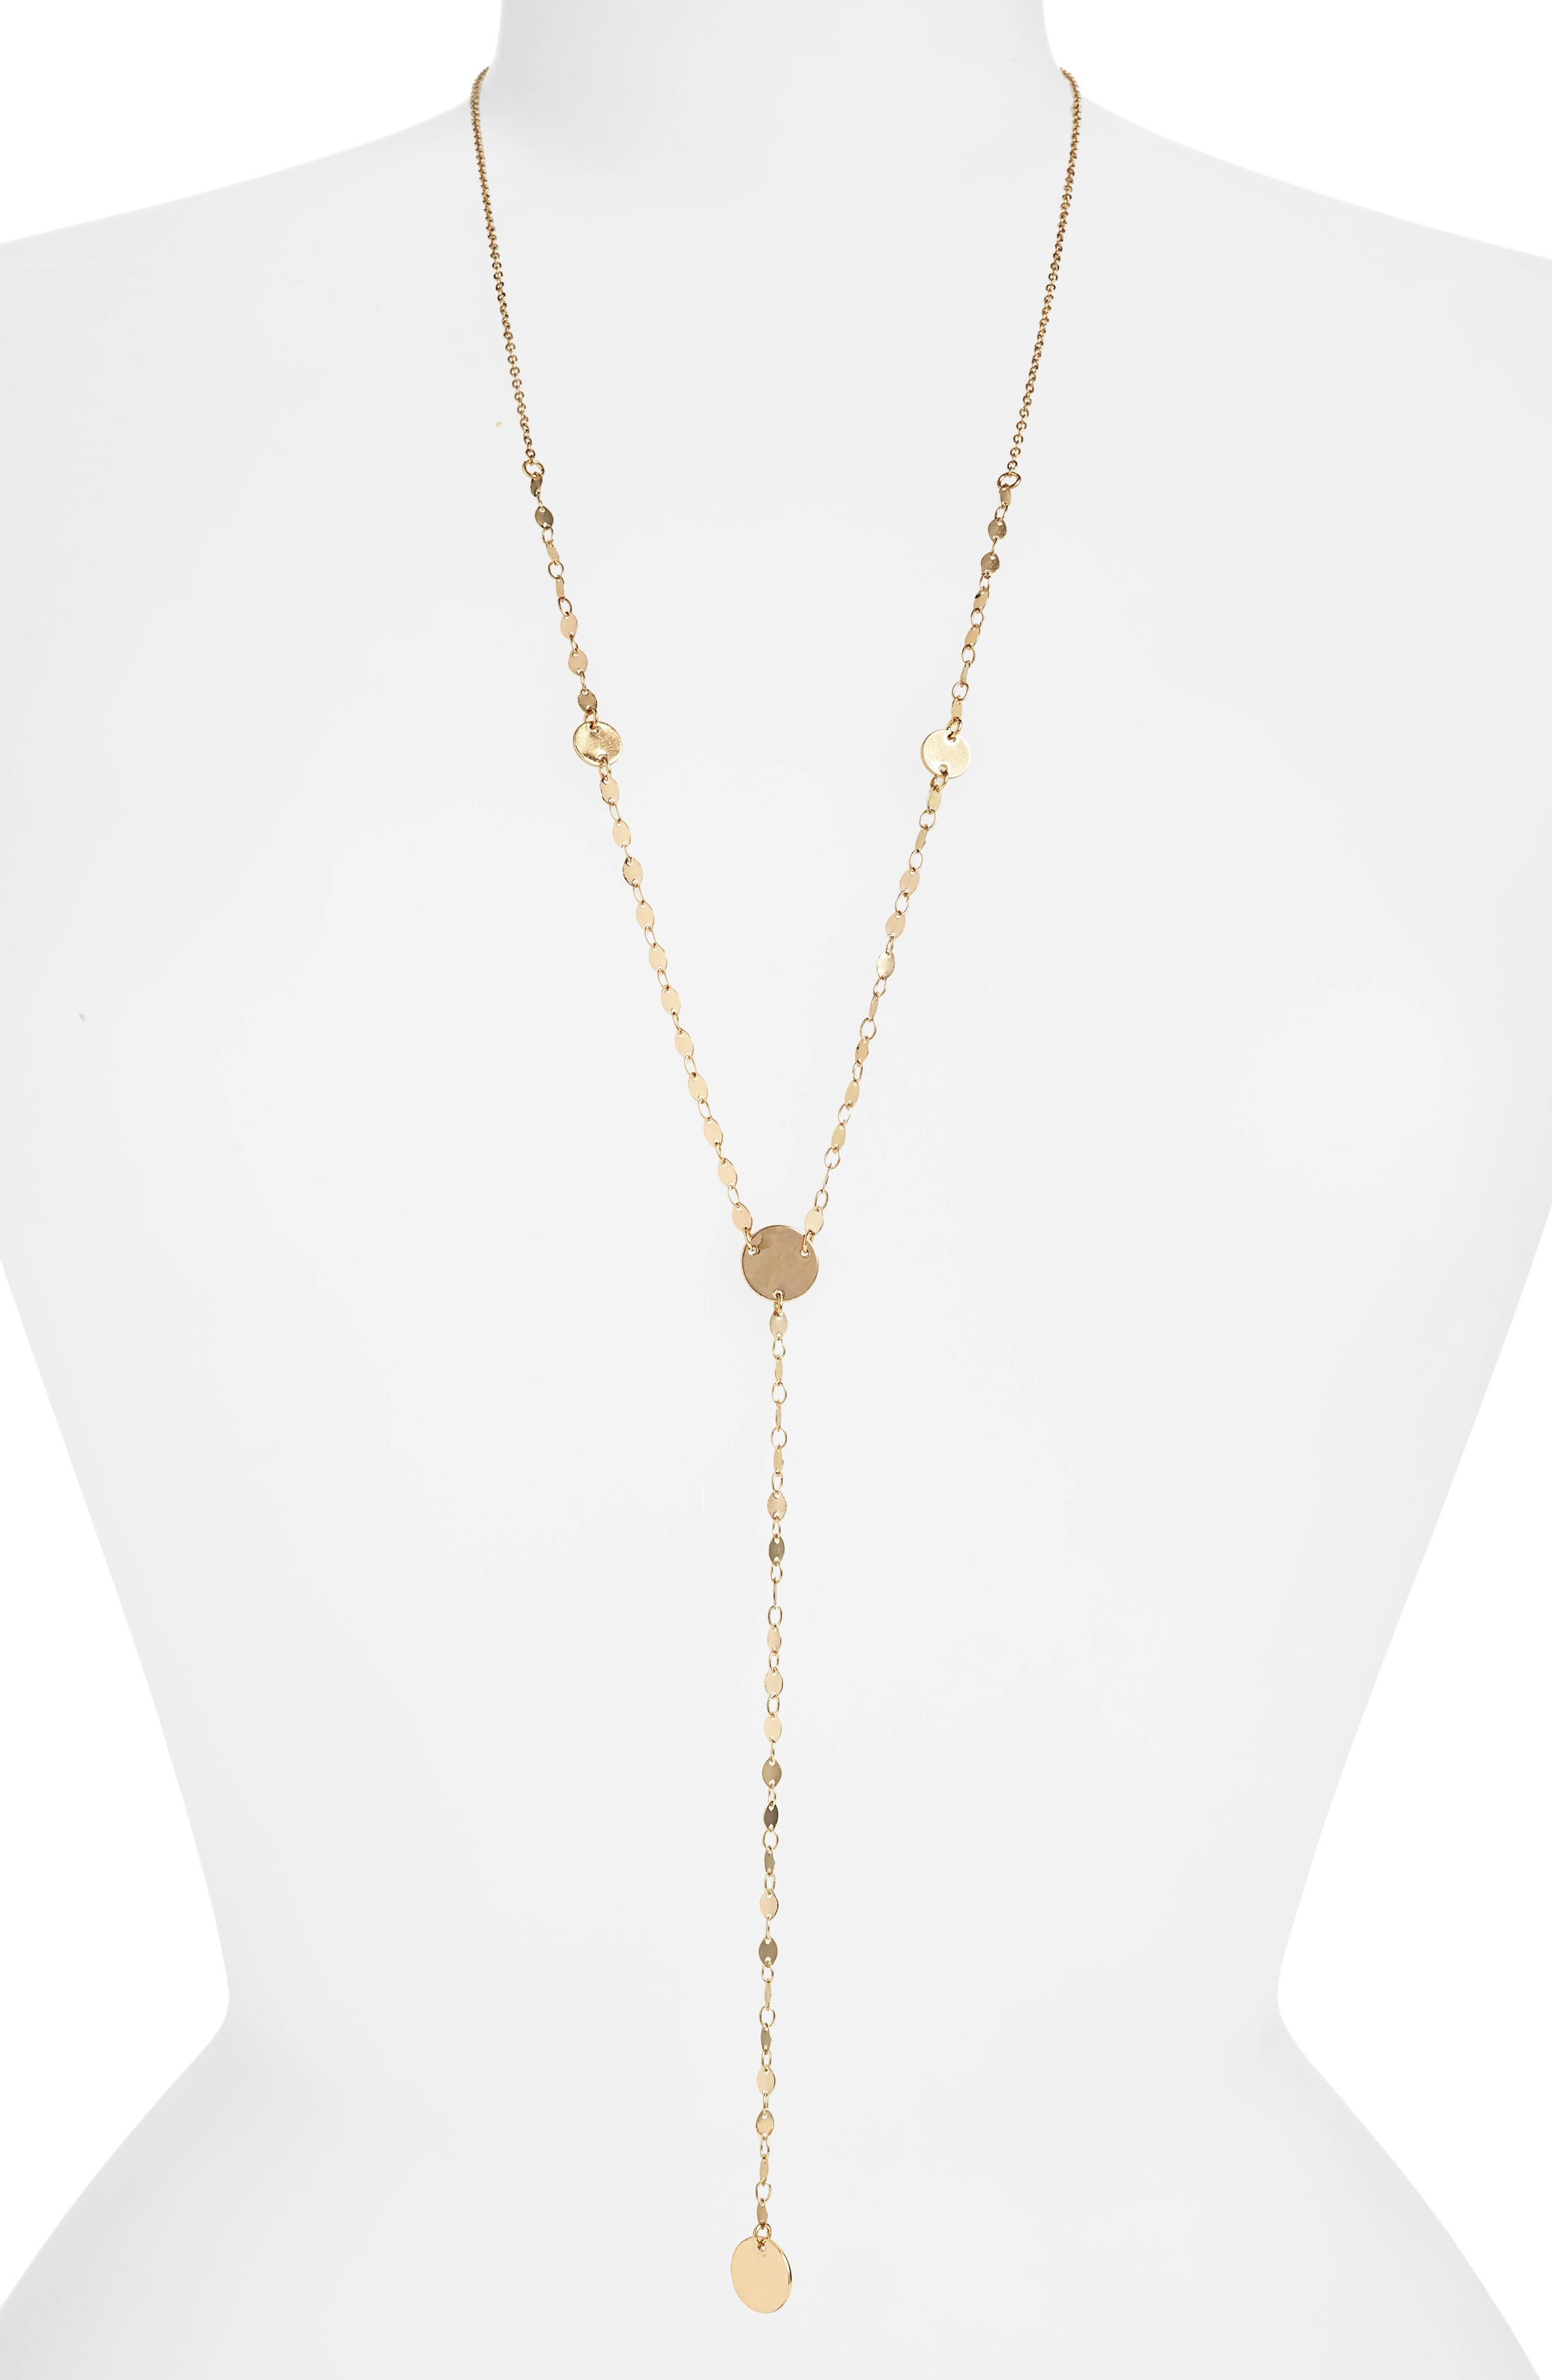 PANACEA Discs Y Necklace in Gold